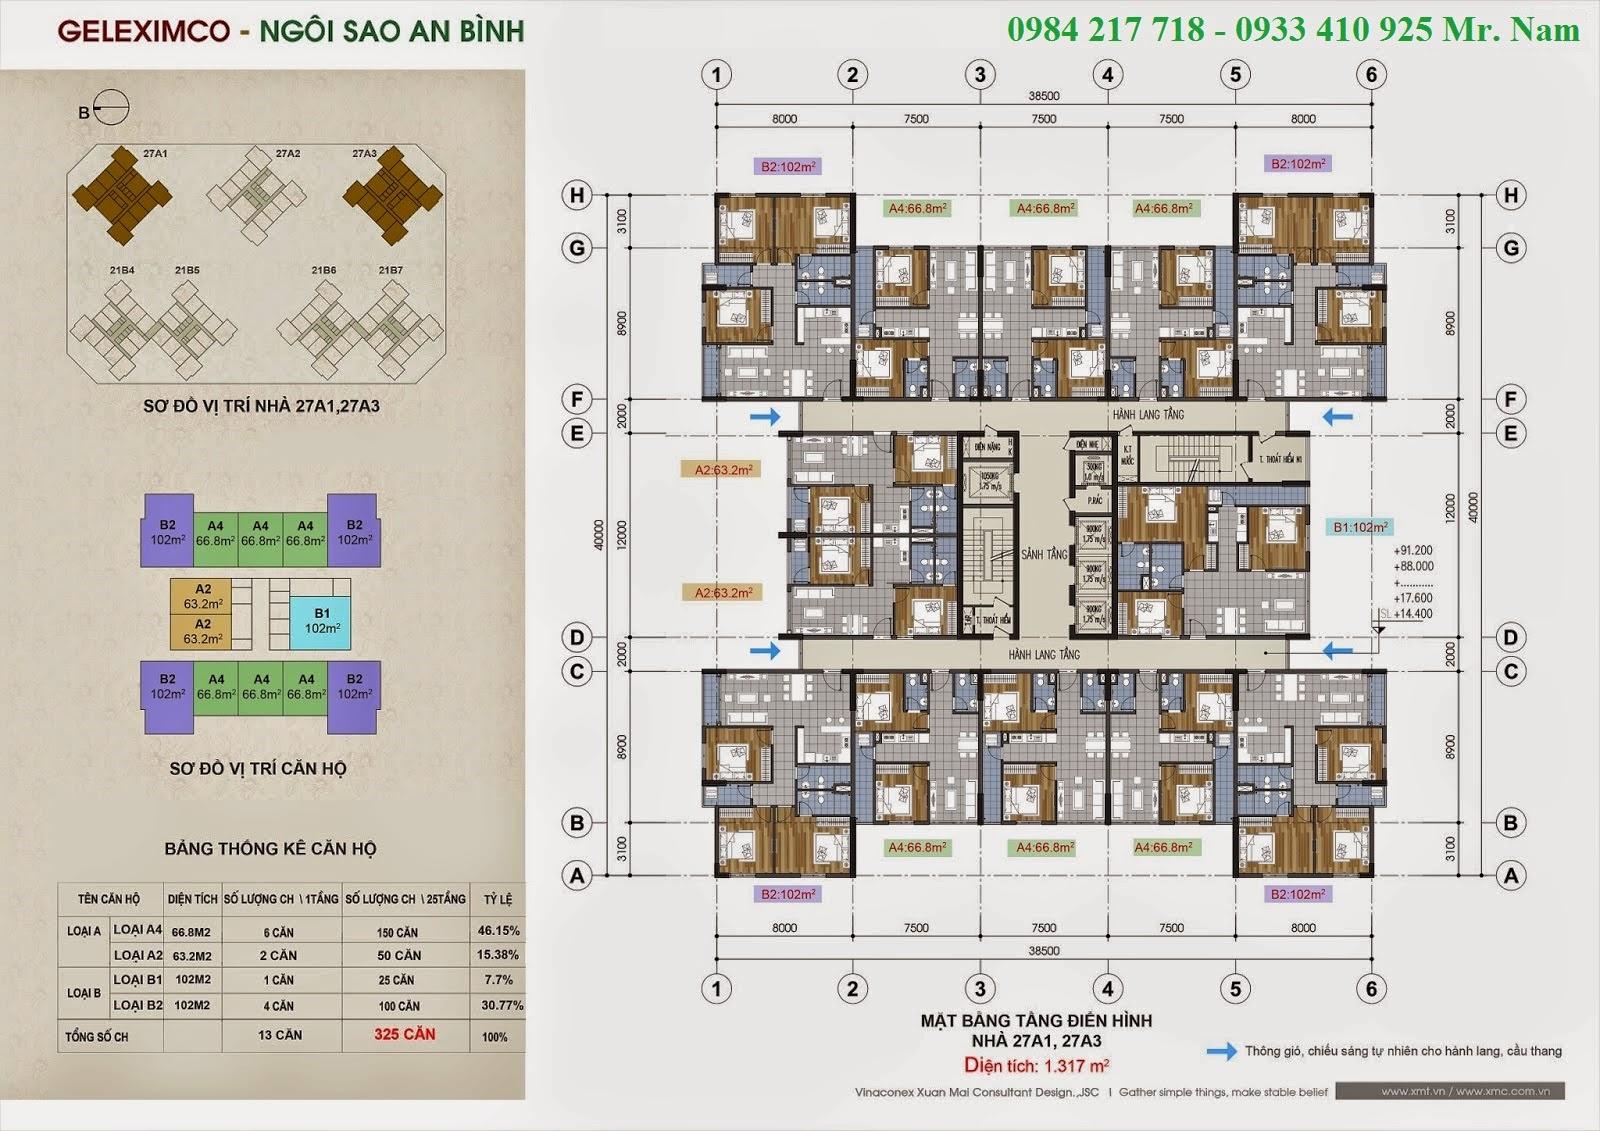 Mặt bằng sàn điển hình tầng 3 đến tầng 27 toà 27A1 và 27A3